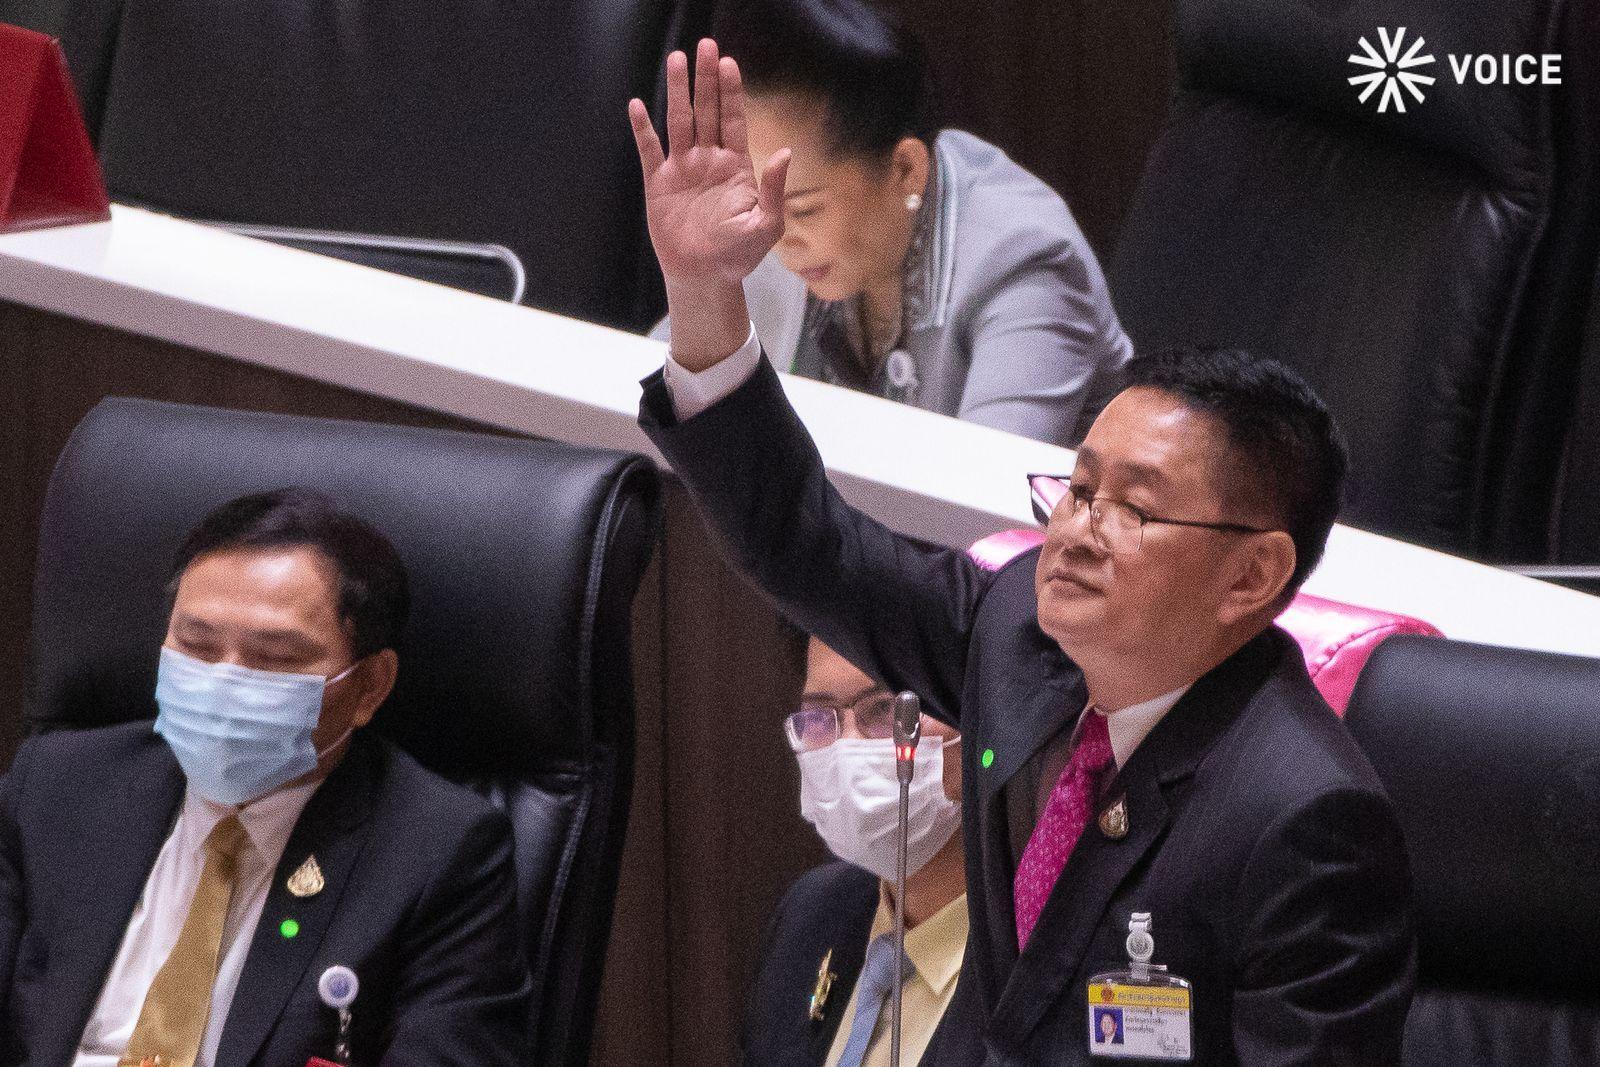 ประเสริฐ เพื่อไทย สภา อภิปรายไม่ไว้วางใจ 8-8BC2-61A2535145FF.jpeg